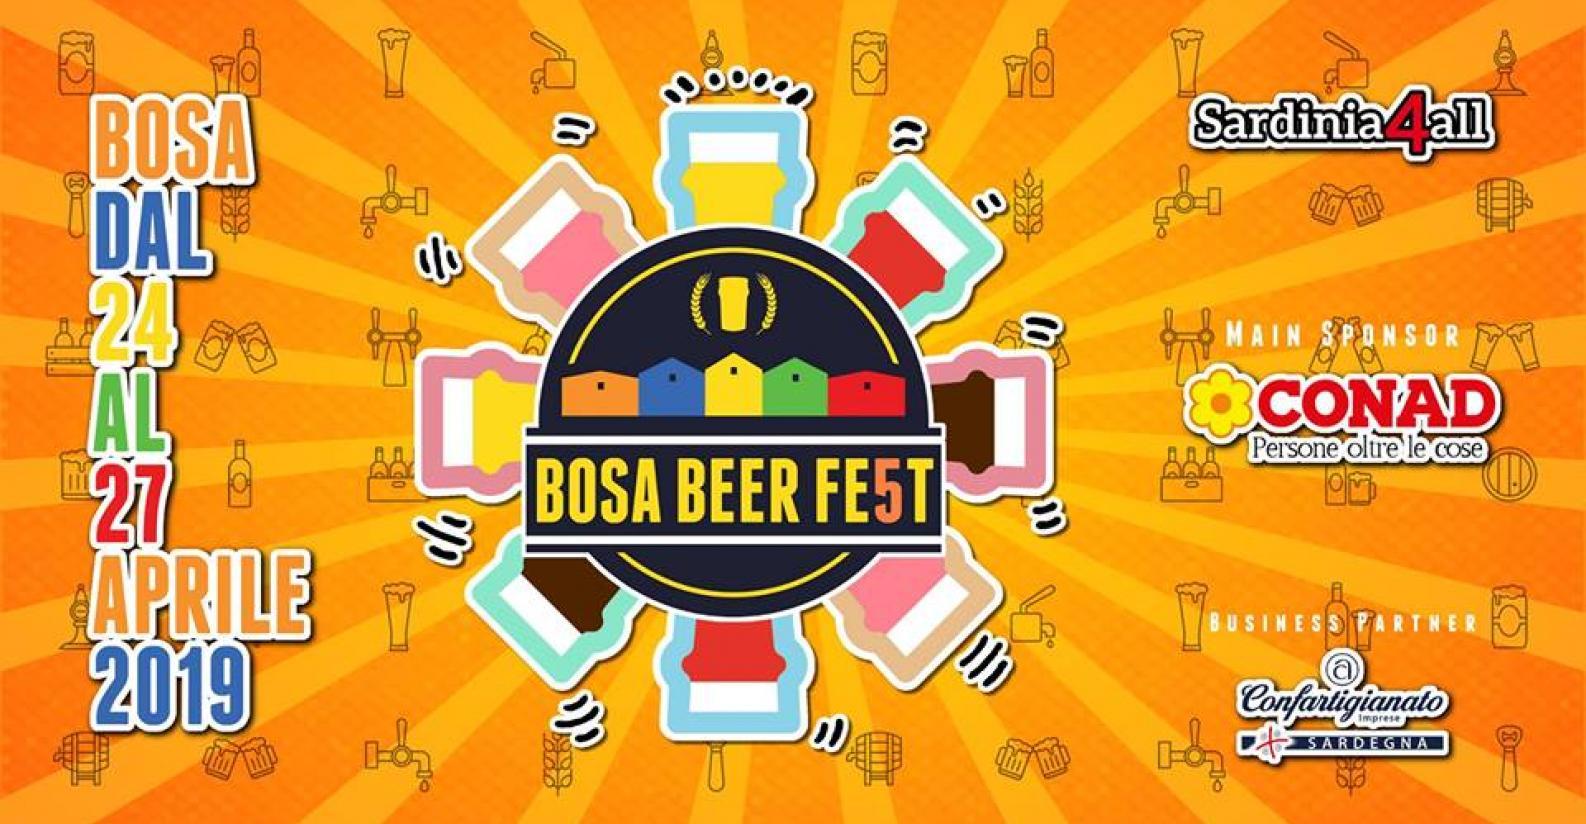 Bosa beer